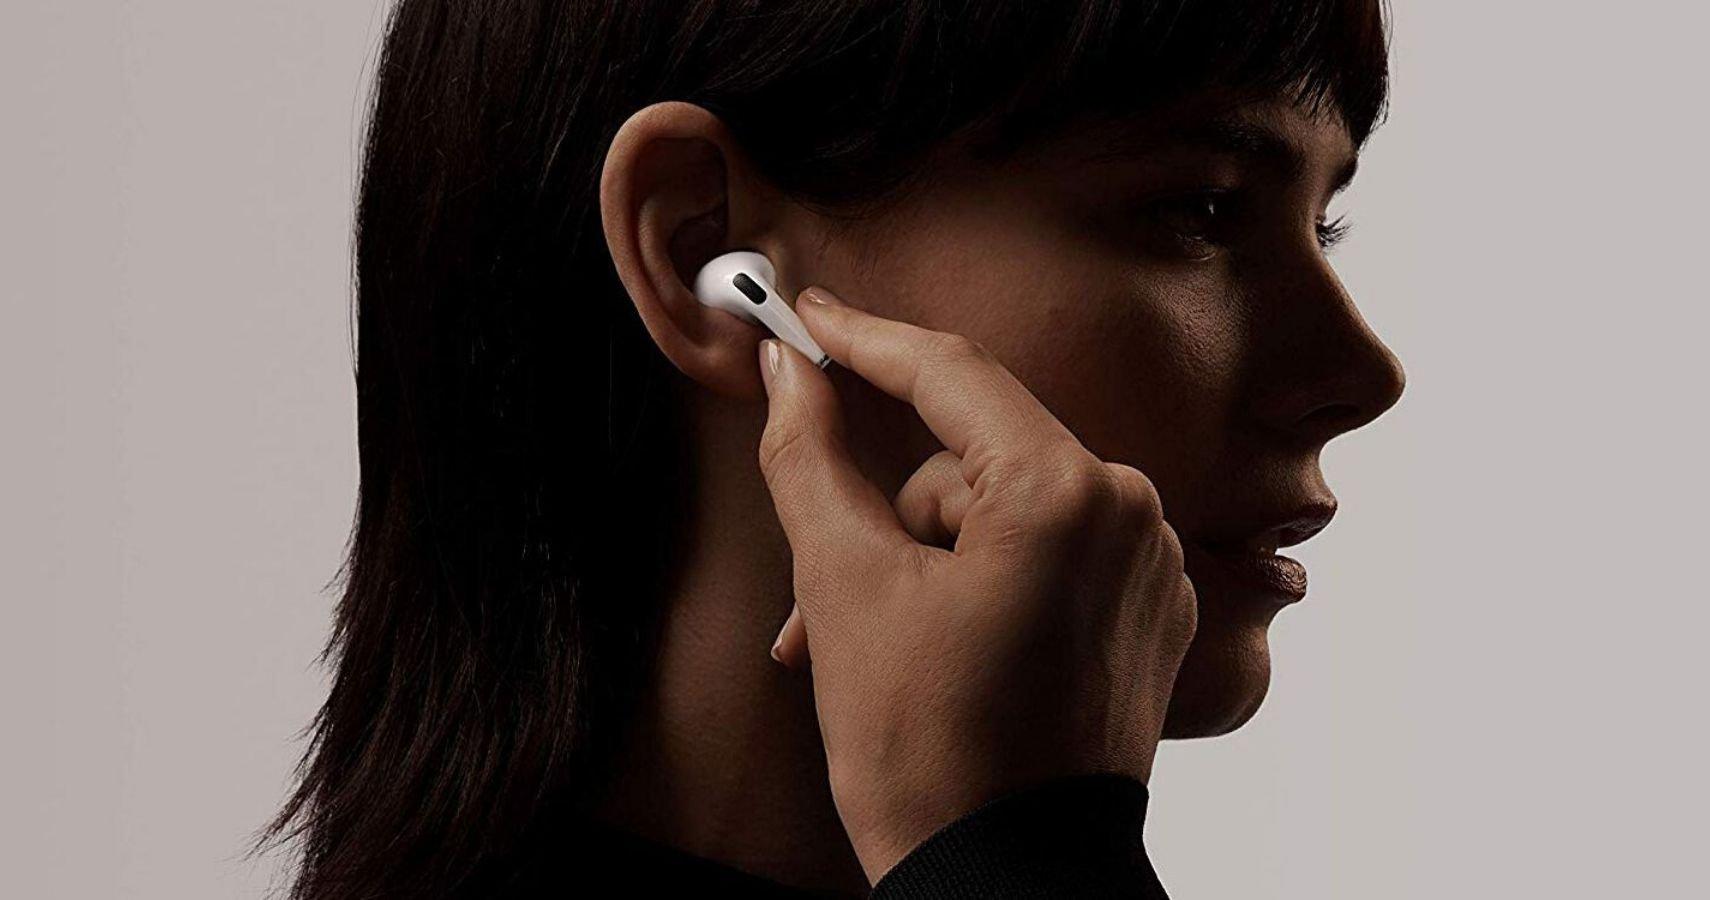 Brevetto Apple: il suono passerà attraverso le ossa